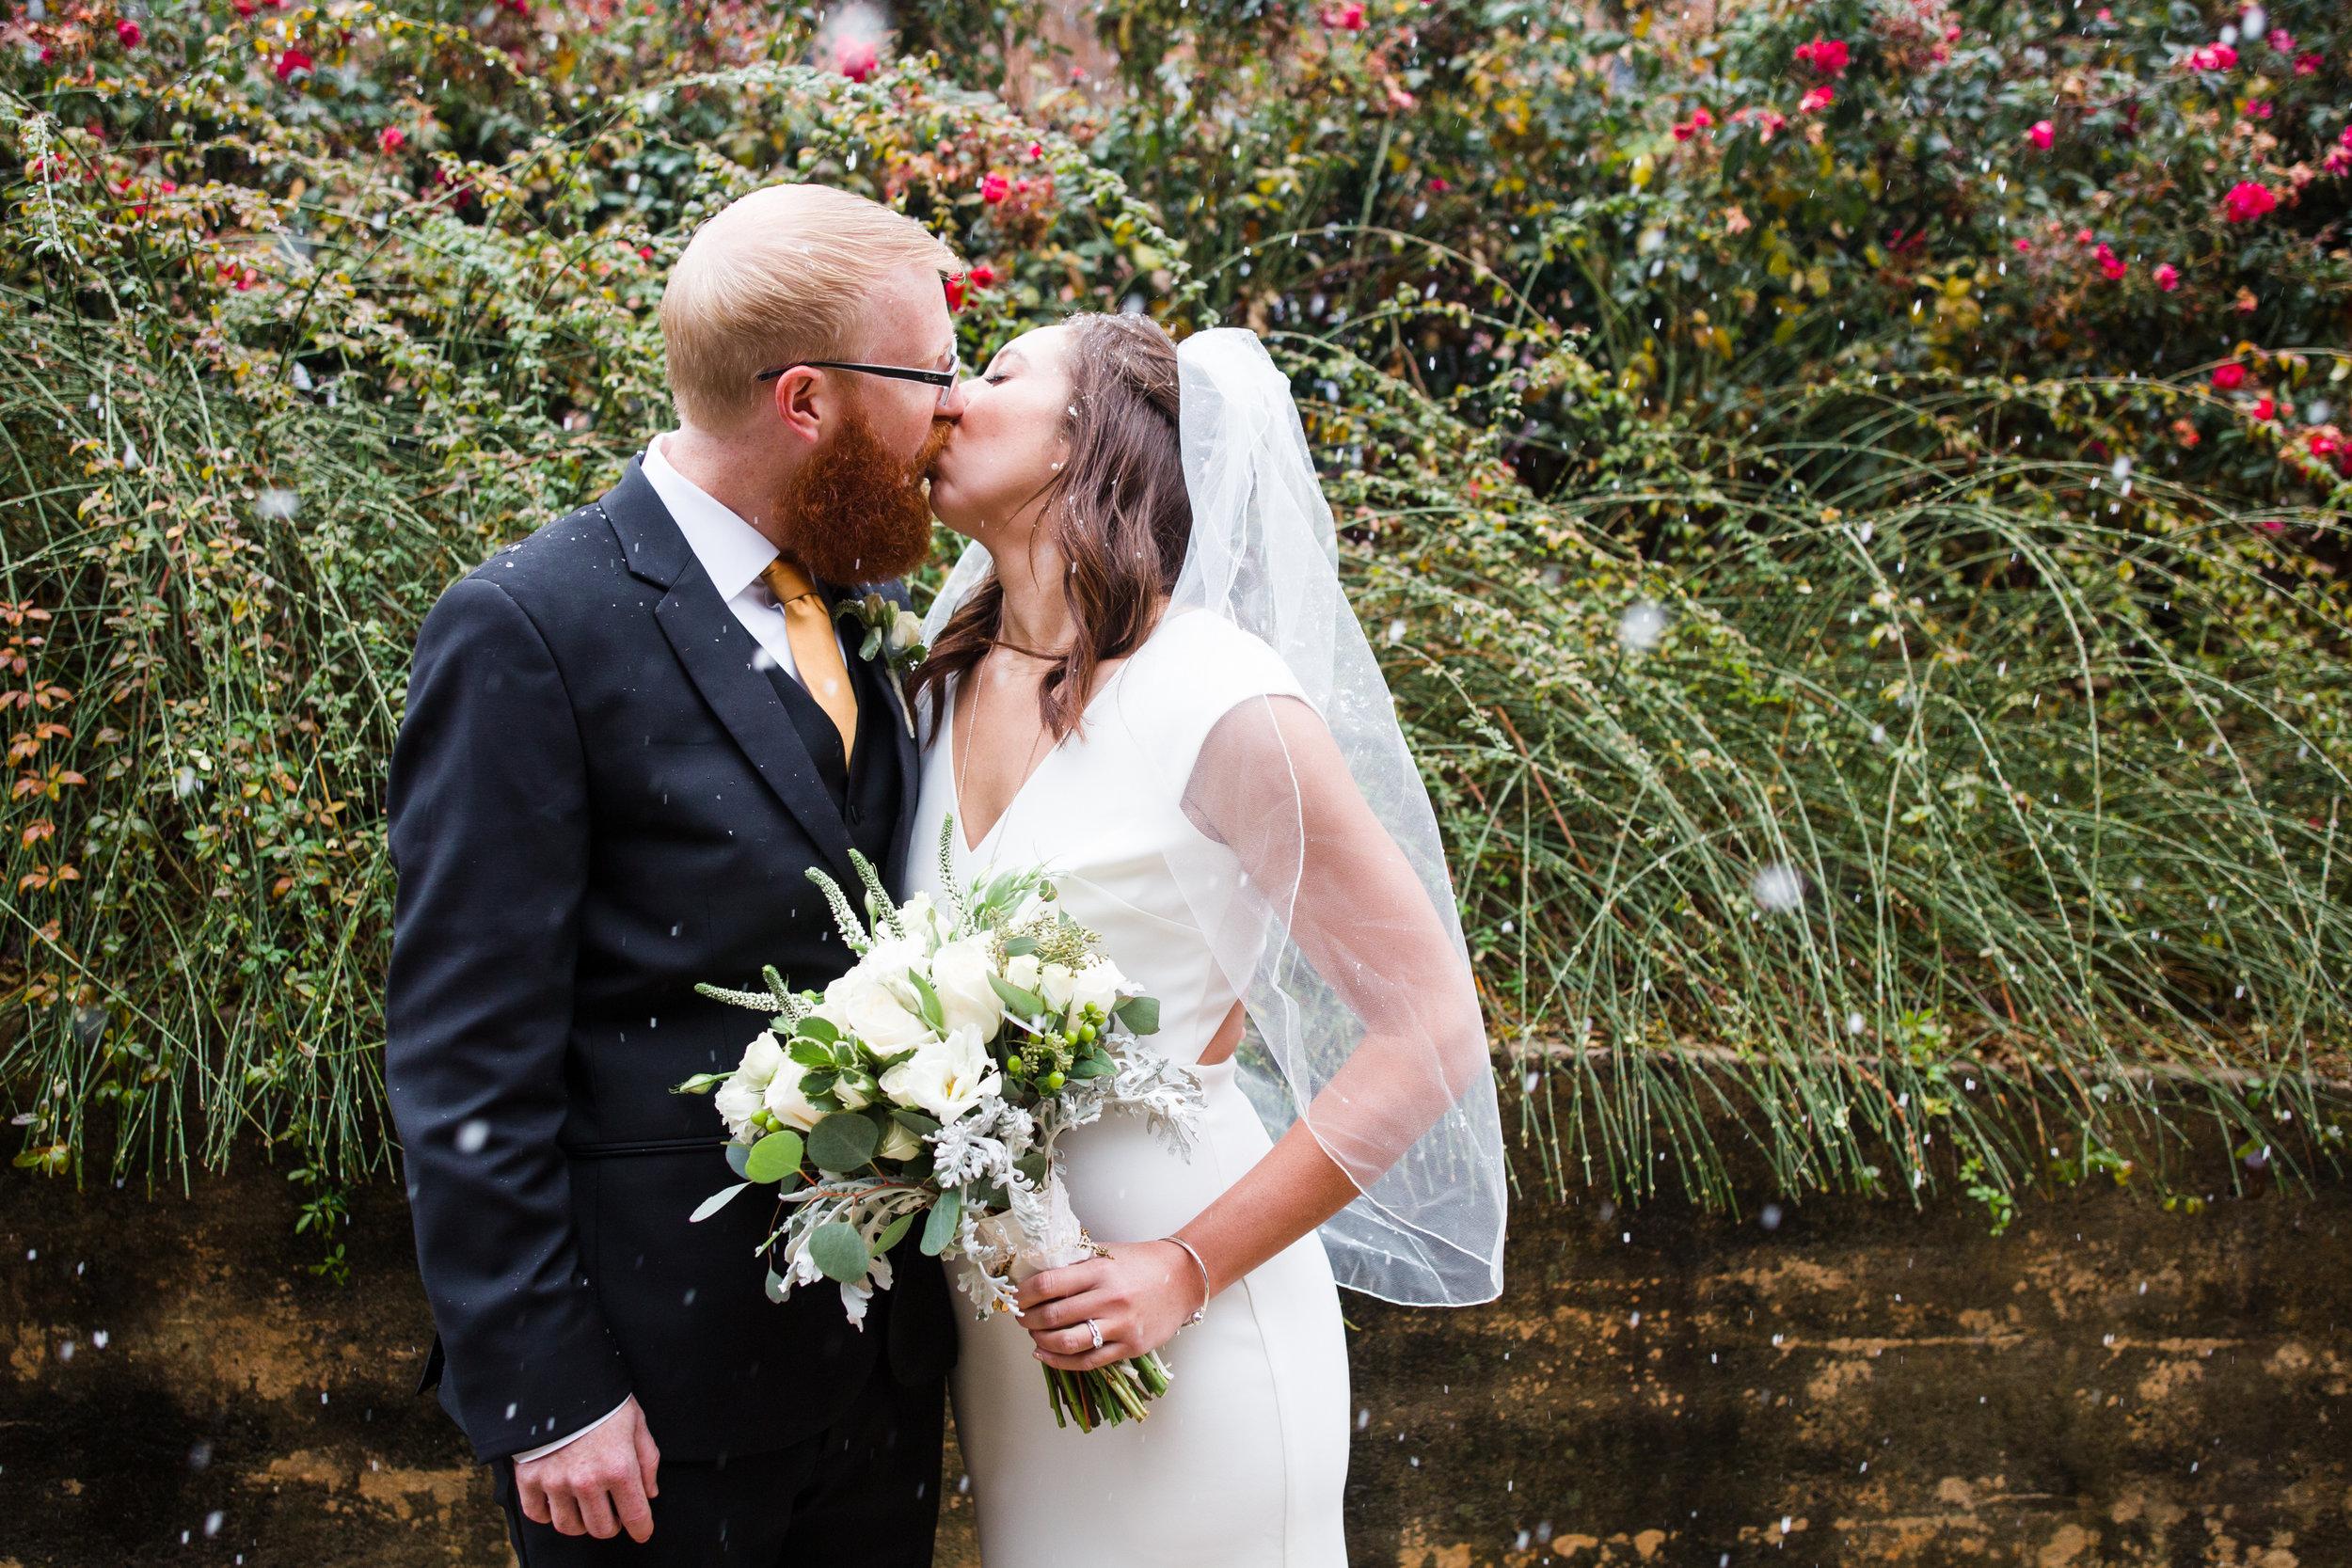 ann-john-wedding-zoe-litaker-photography.jpg